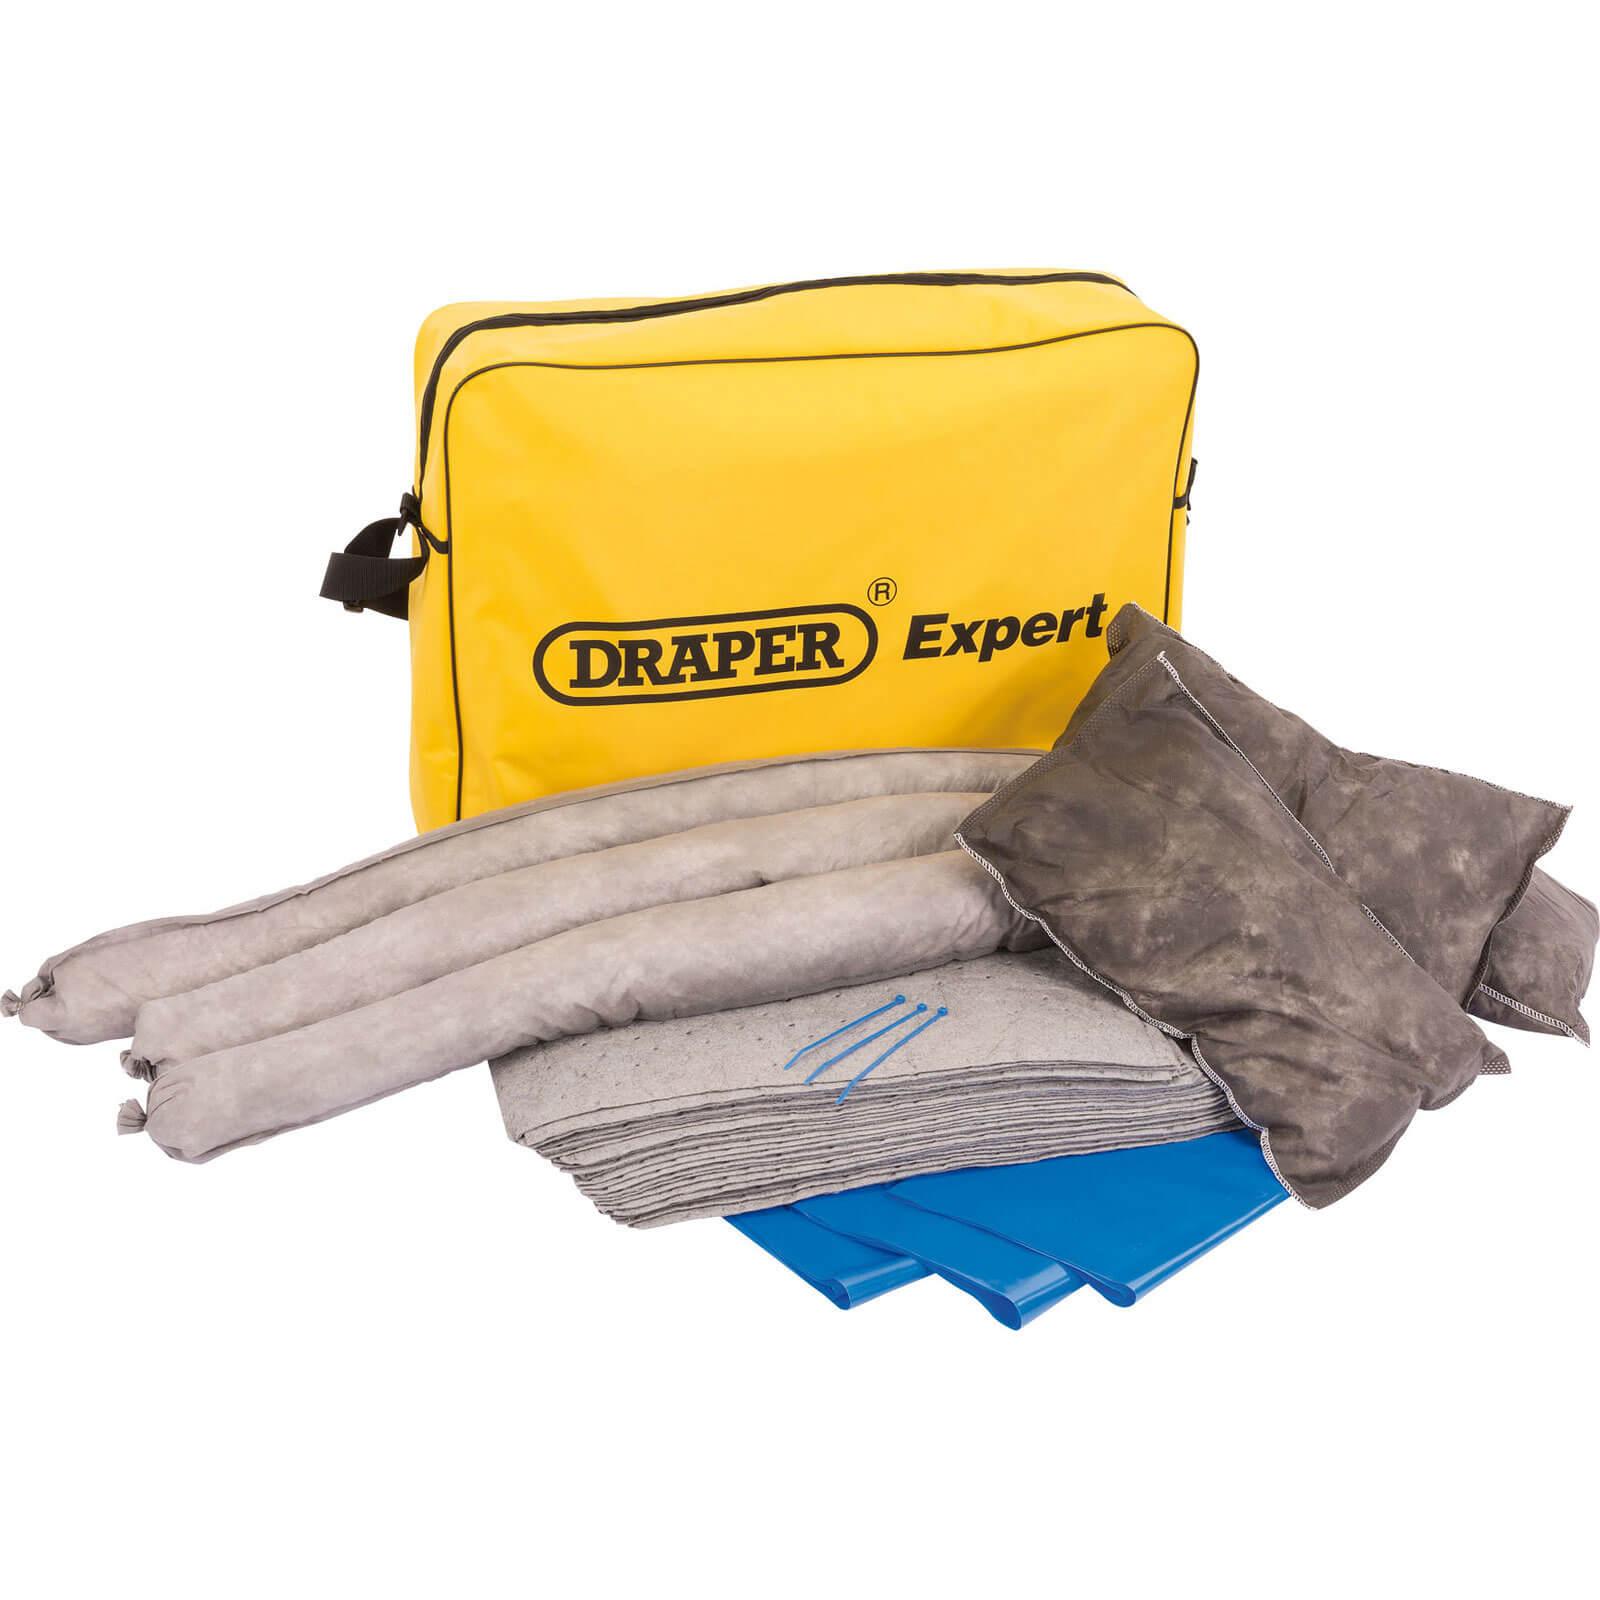 Image of Draper Expert Spillage Response Kit